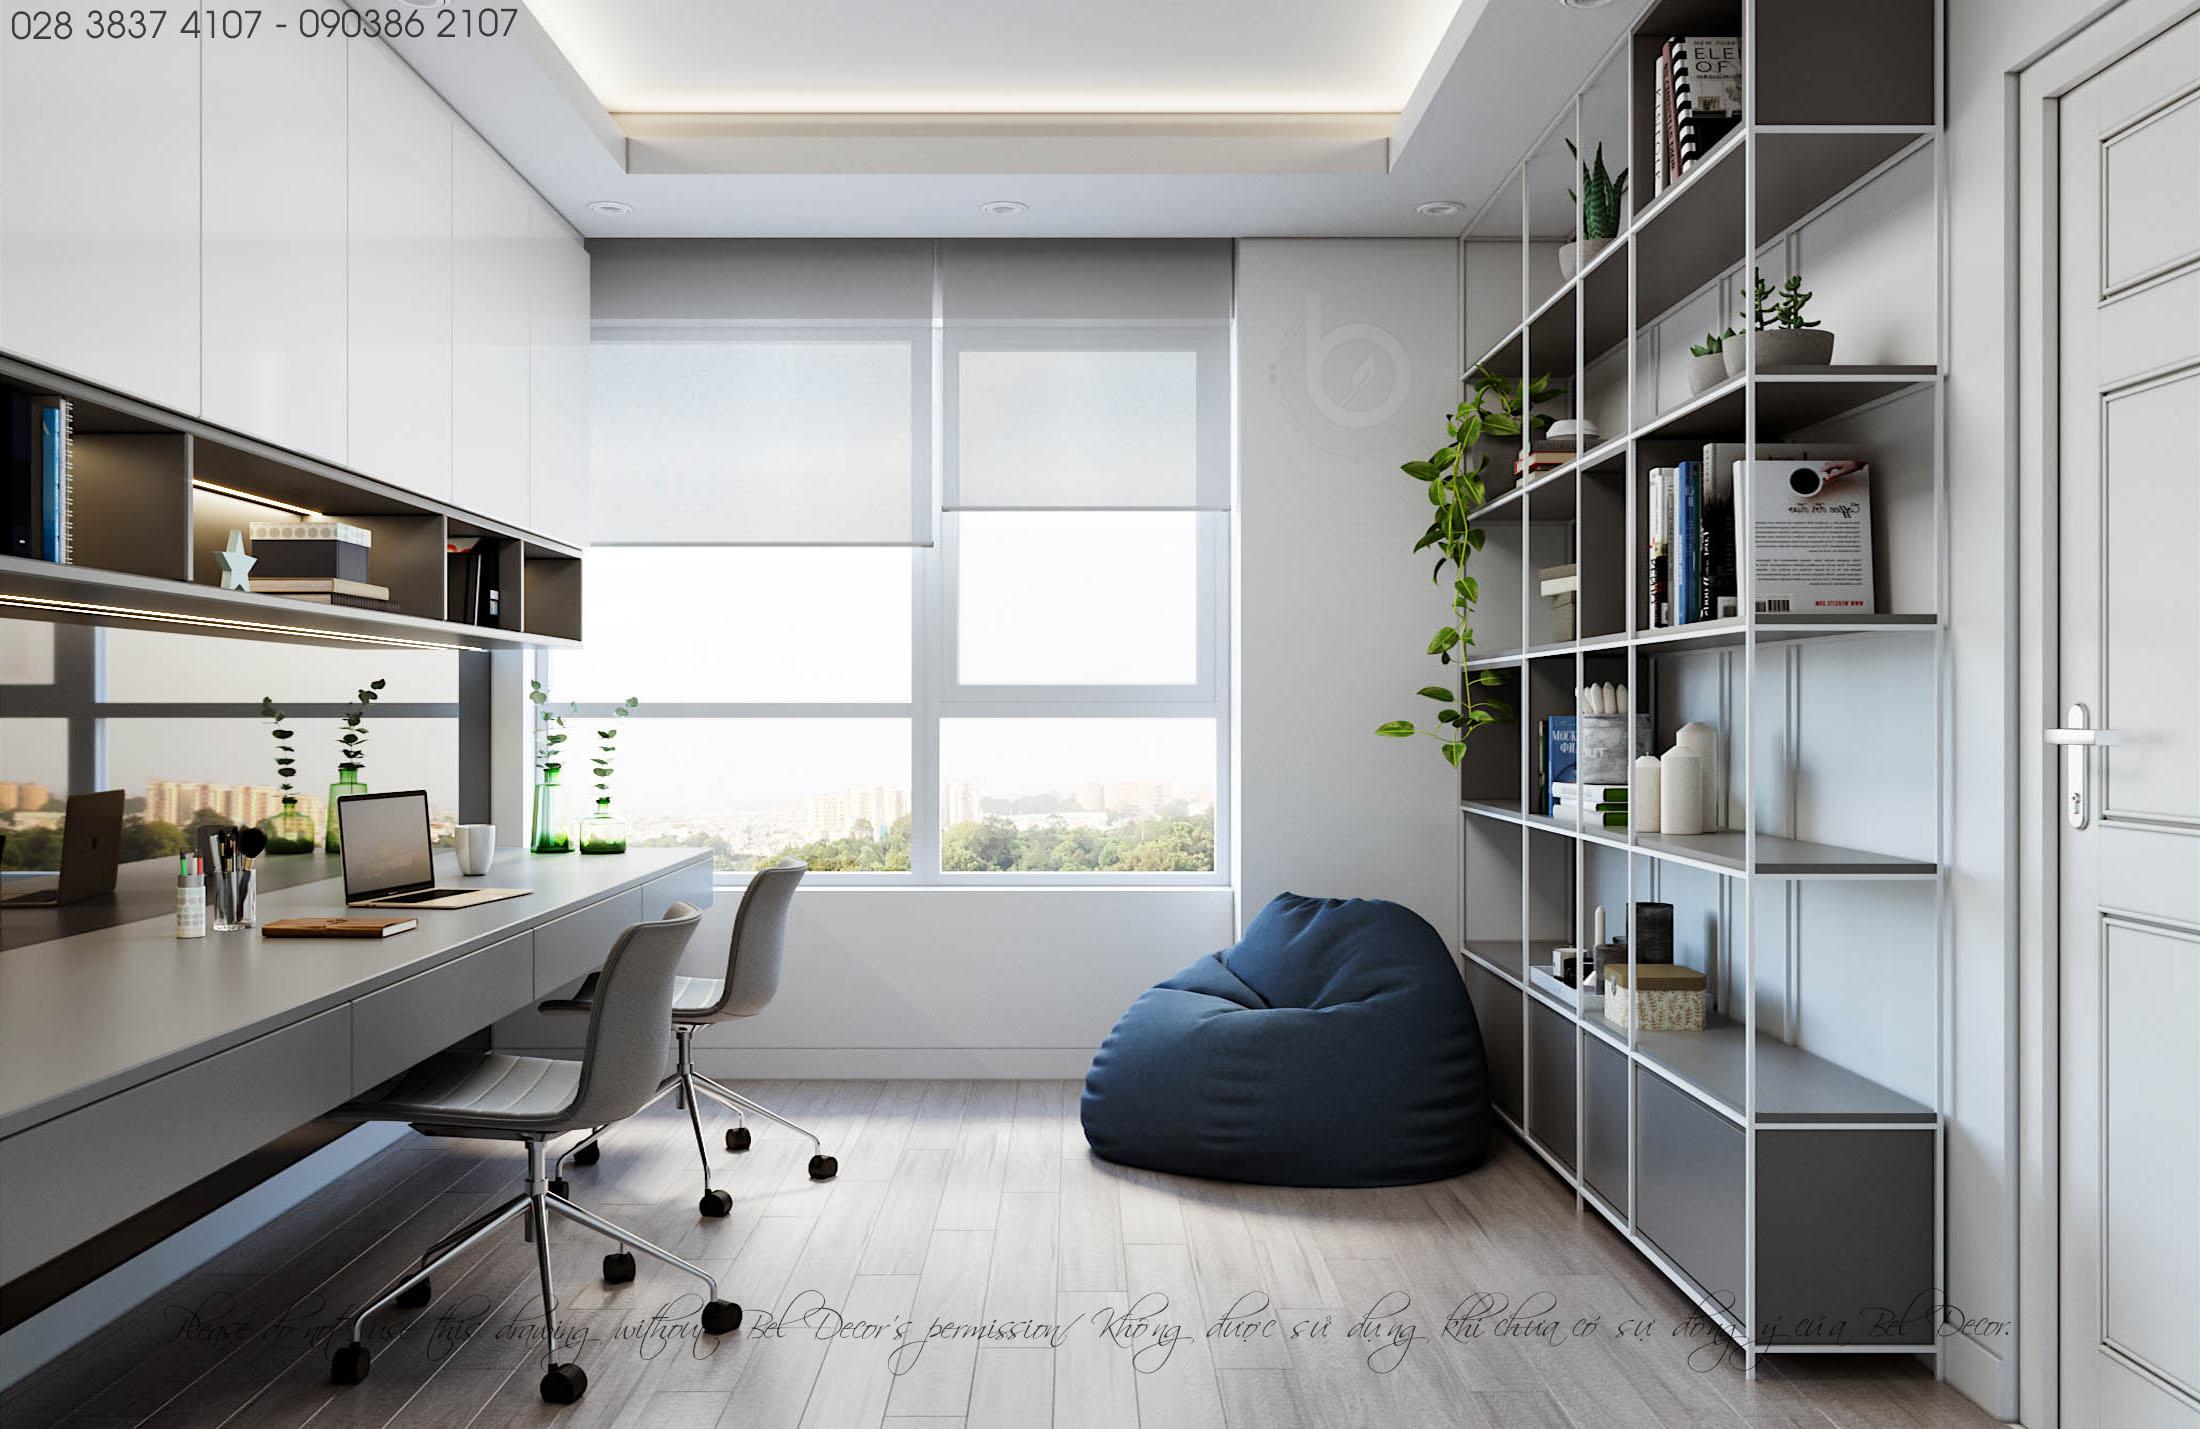 thiết kế nội thất chung cư tại Hồ Chí Minh THIẾT KẾ NỘI THẤT CĂN HỘ (HO1902) 7 1560306007